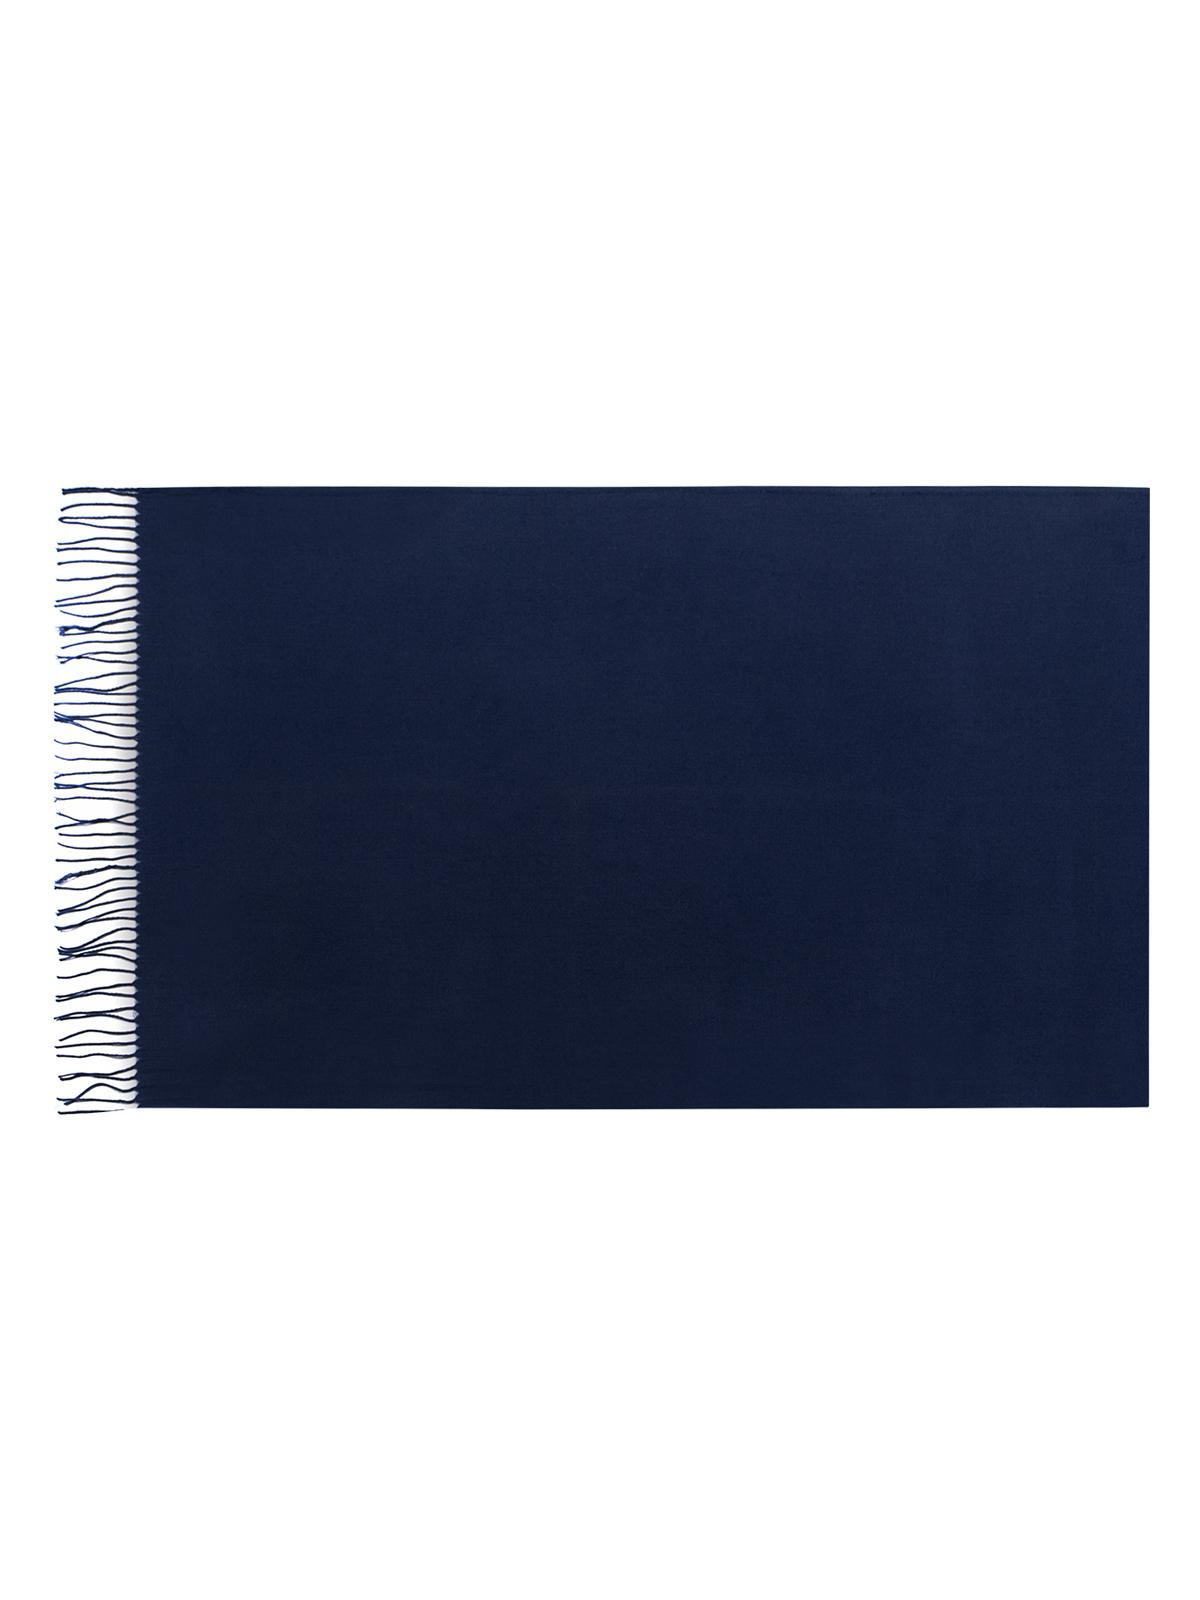 Палантин Eleganzza, цвет: темно-синий. SZ23-0629. Размер 60 см х 180 смSZ23-0629Теплый палантин Eleganzza, изготовленный из хлопка с добавлением шерсти, мягкий и приятный на ощупь.Изделие выполнено в однотонном лаконичном цвете. По краям модель оформлена бахромой.